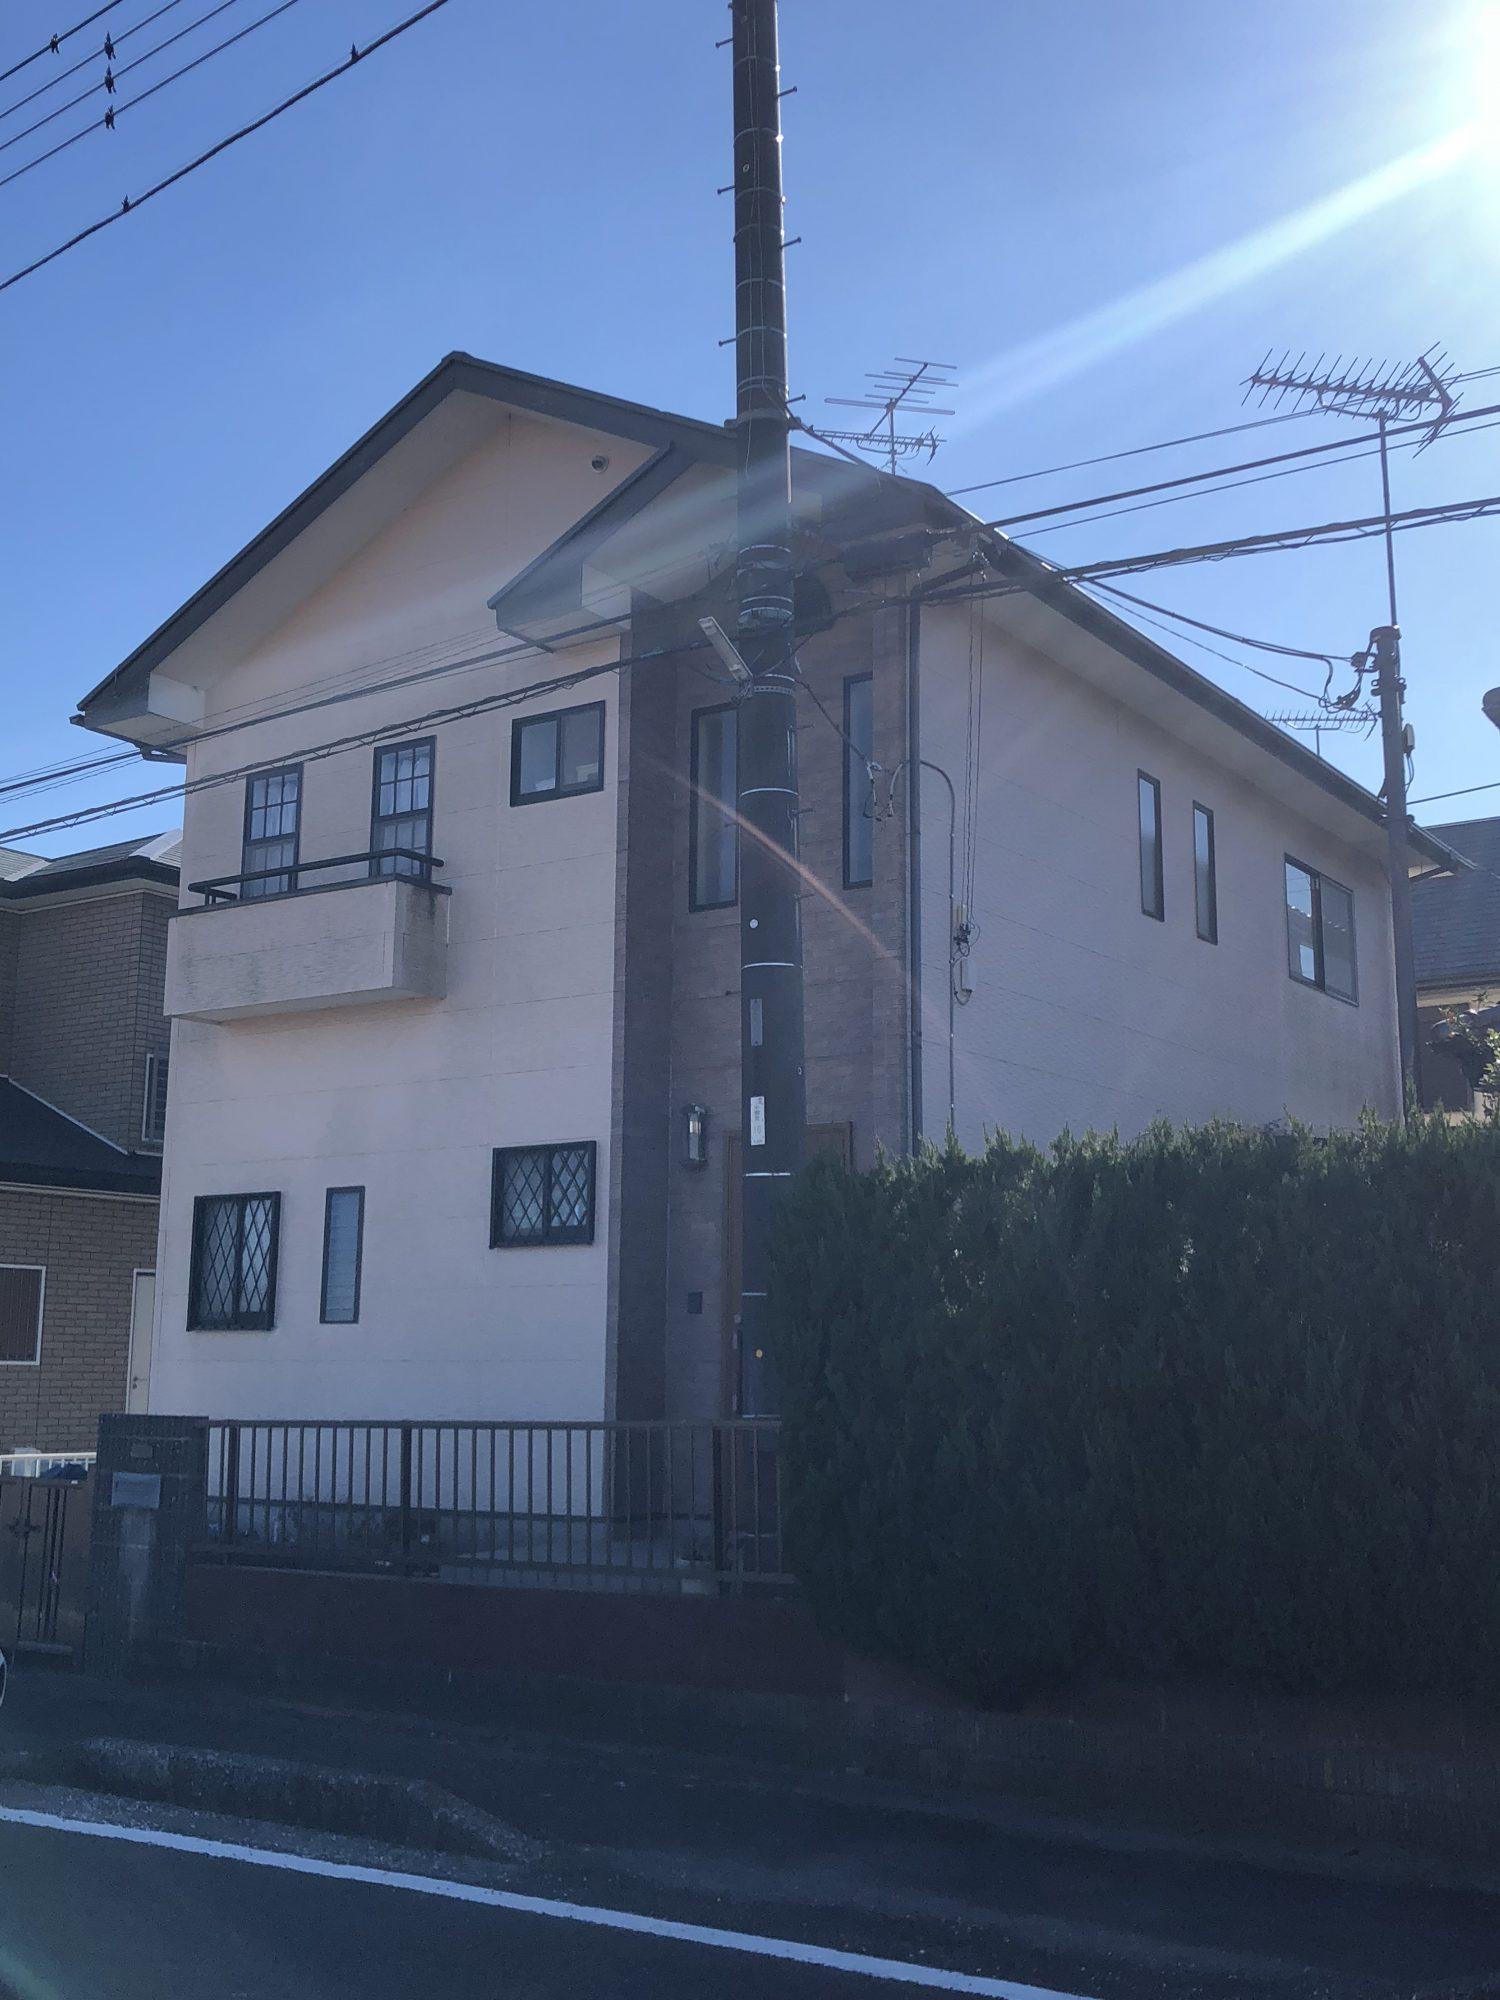 茂原市M様邸屋根カバー工法・外壁塗装工事 Before